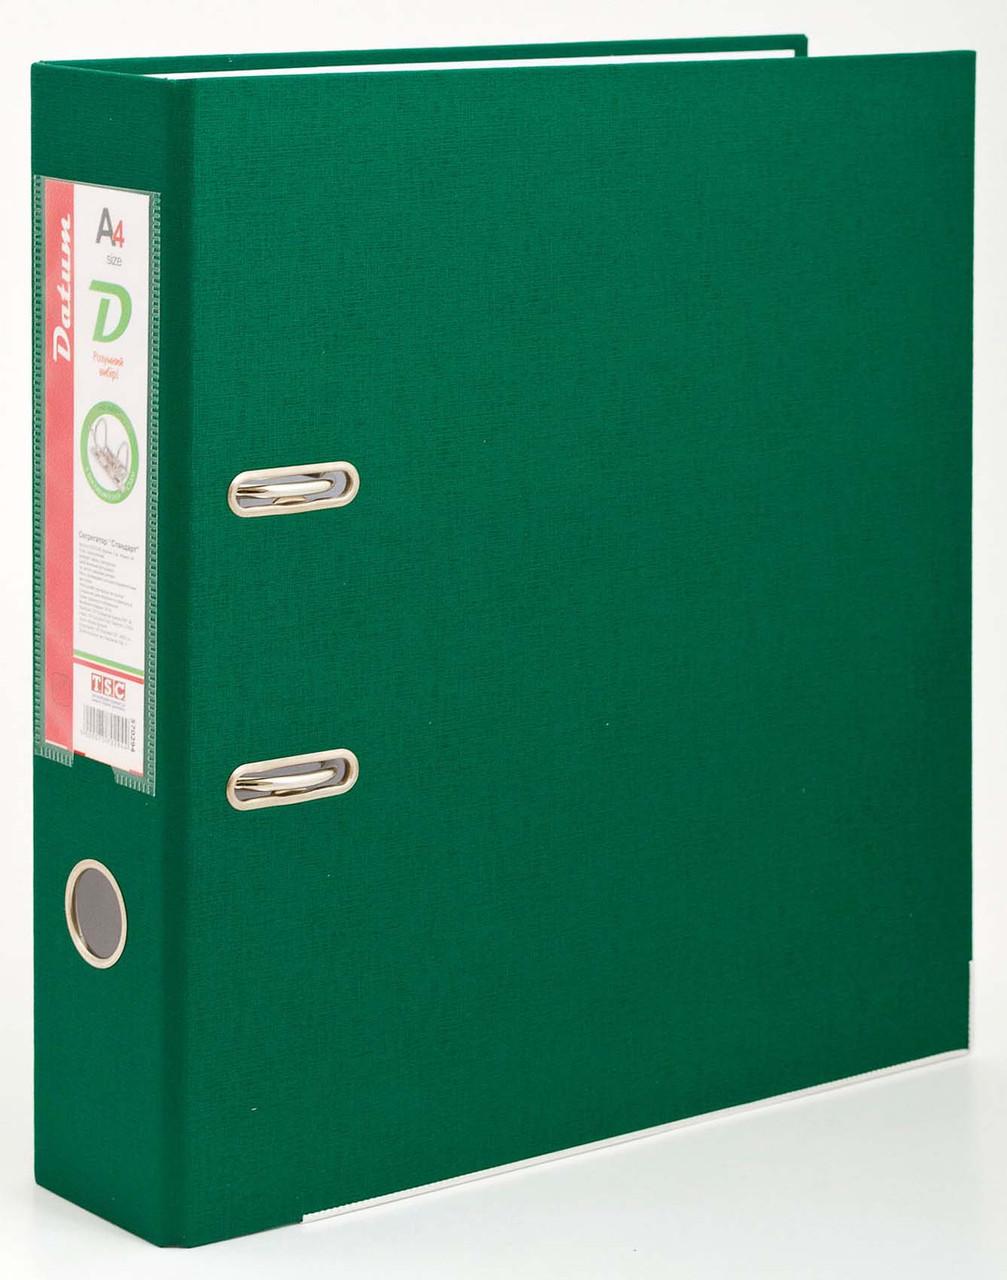 Сегрегатор А4/7см темно-зеленый D2270-08 (сборной)